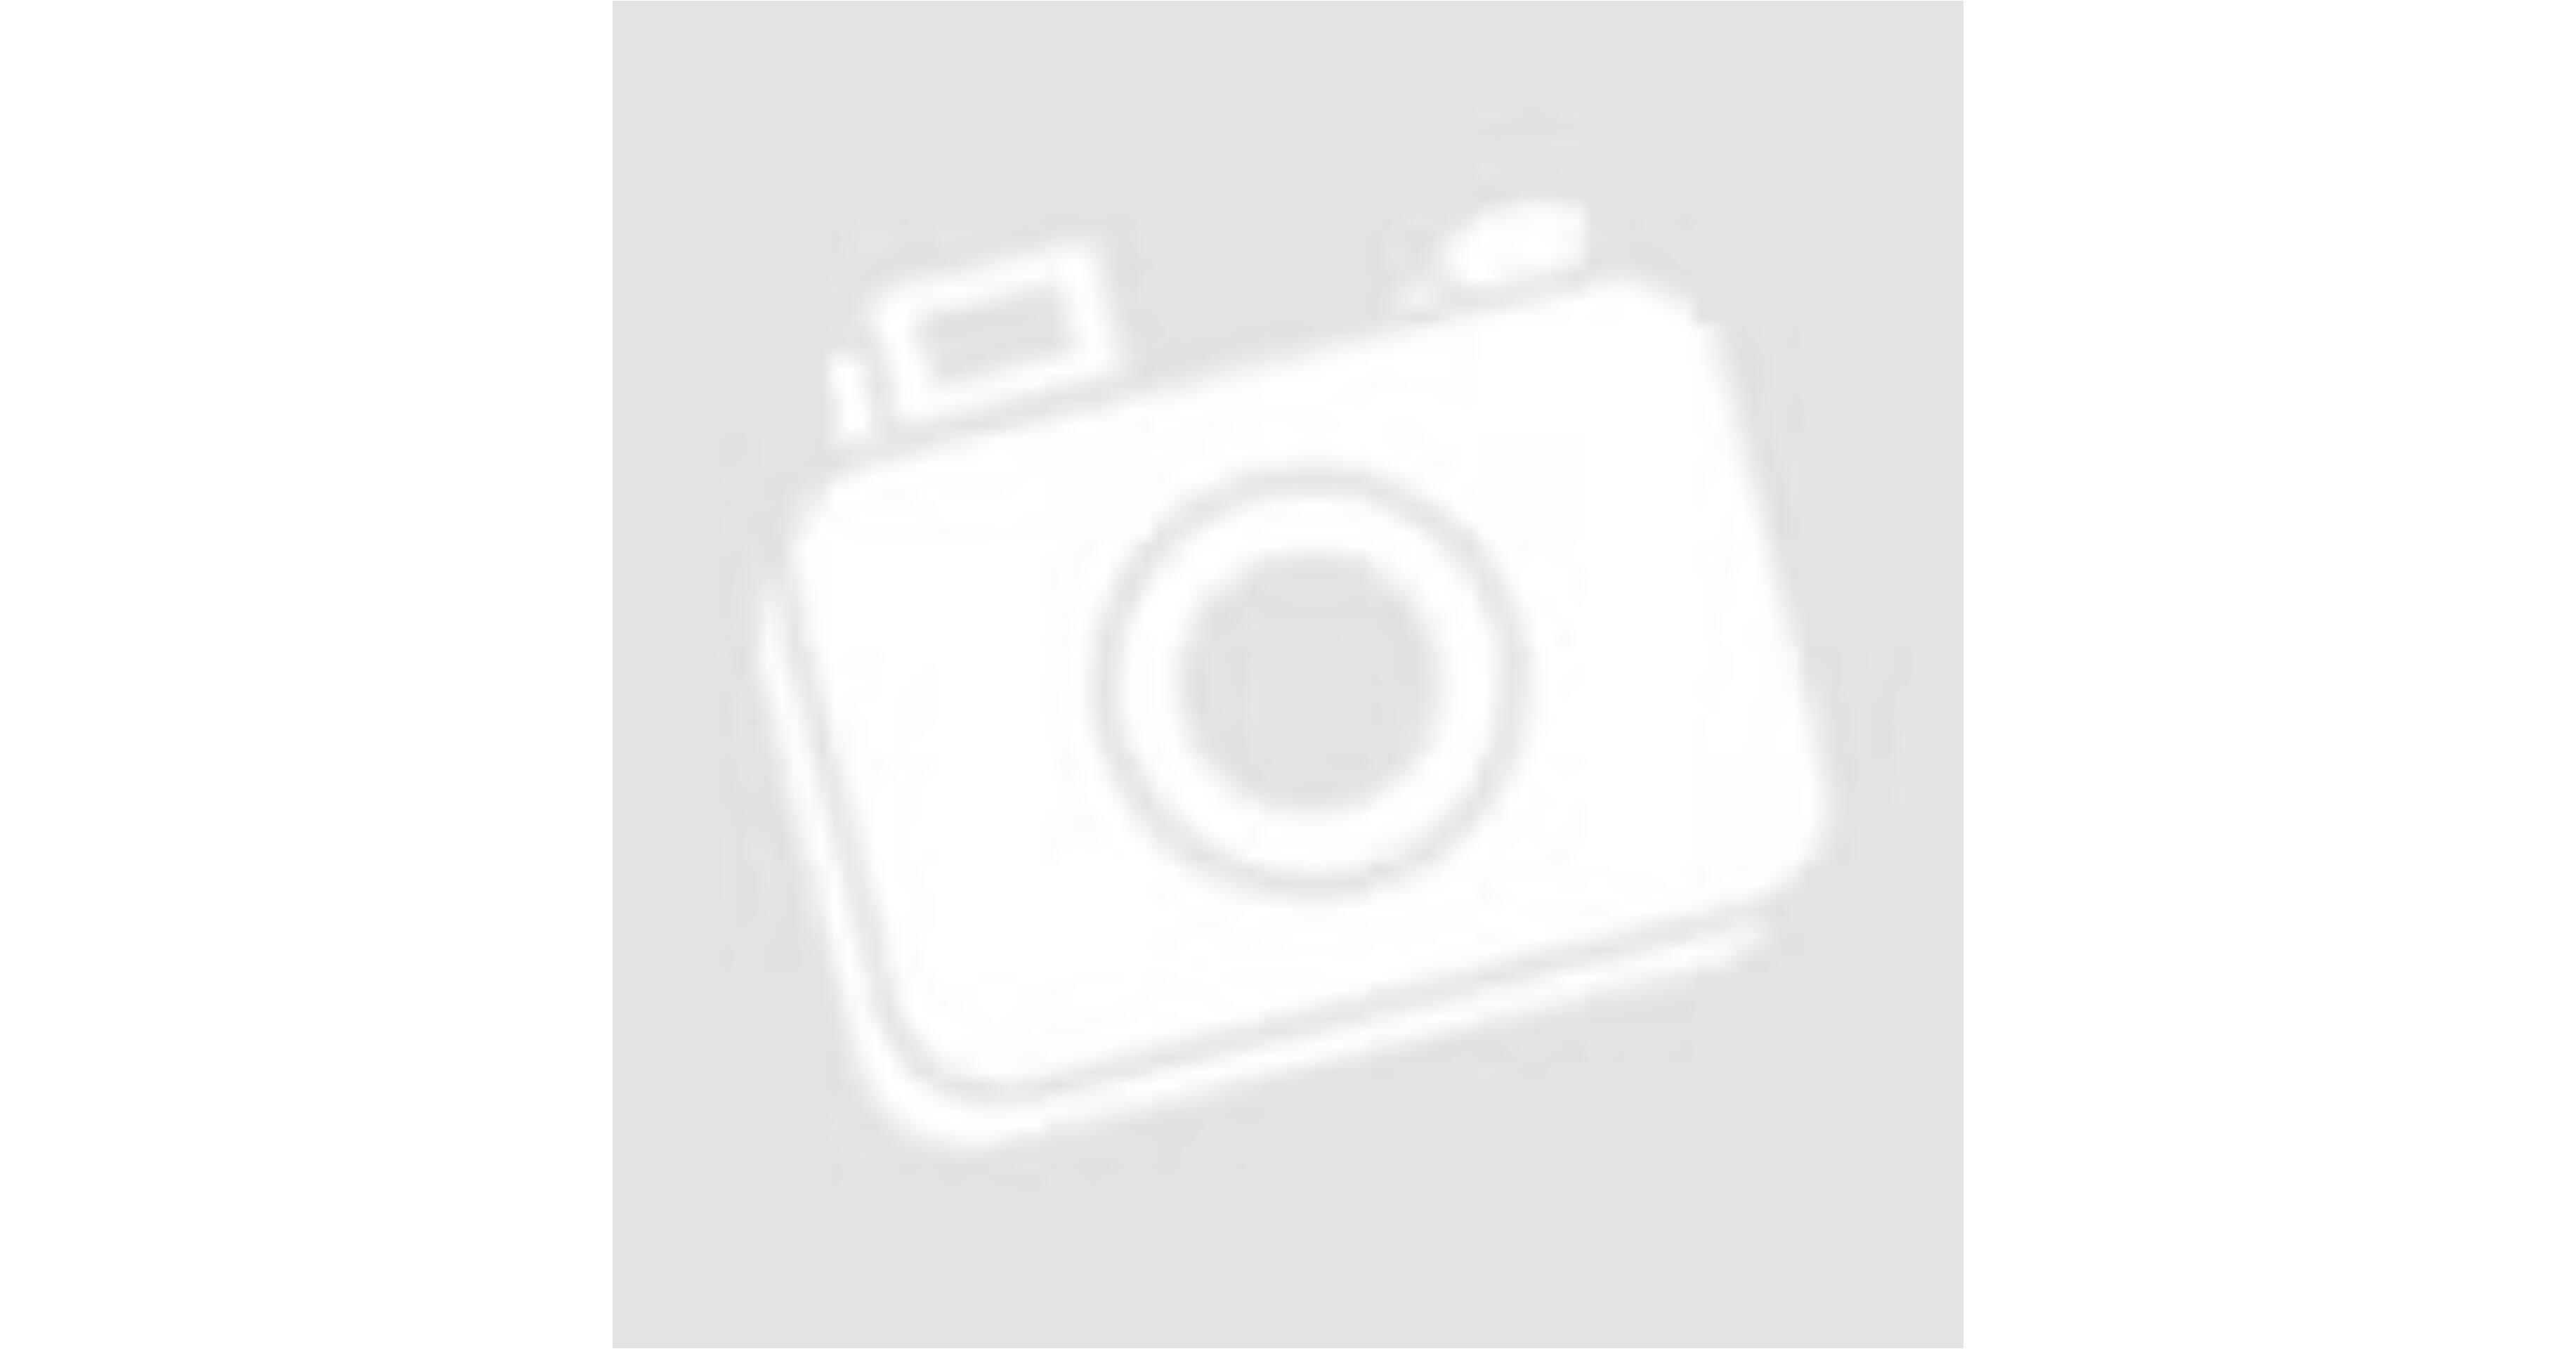 e9213b42afb9 ETERNA kék ing (Méret: L) - Ing - Öltözz ki webáruház - Új és Használtruha  webshop